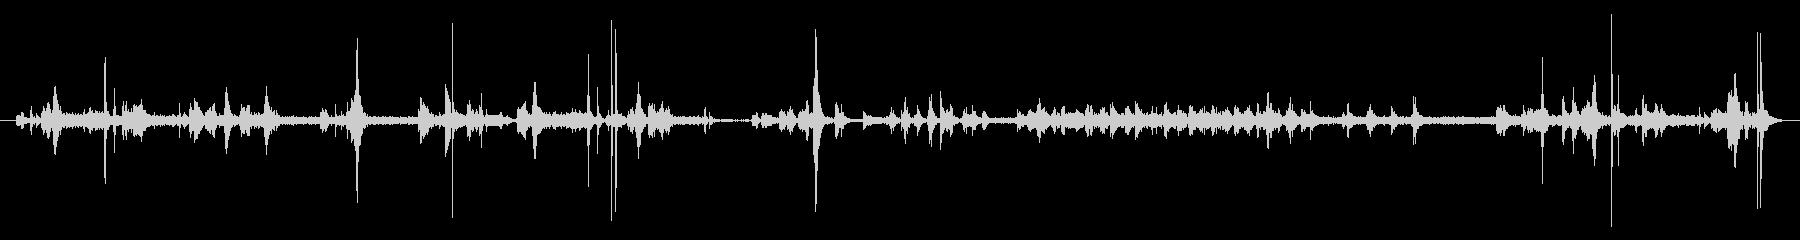 CDまたはDVDデュプリケーター:...の未再生の波形